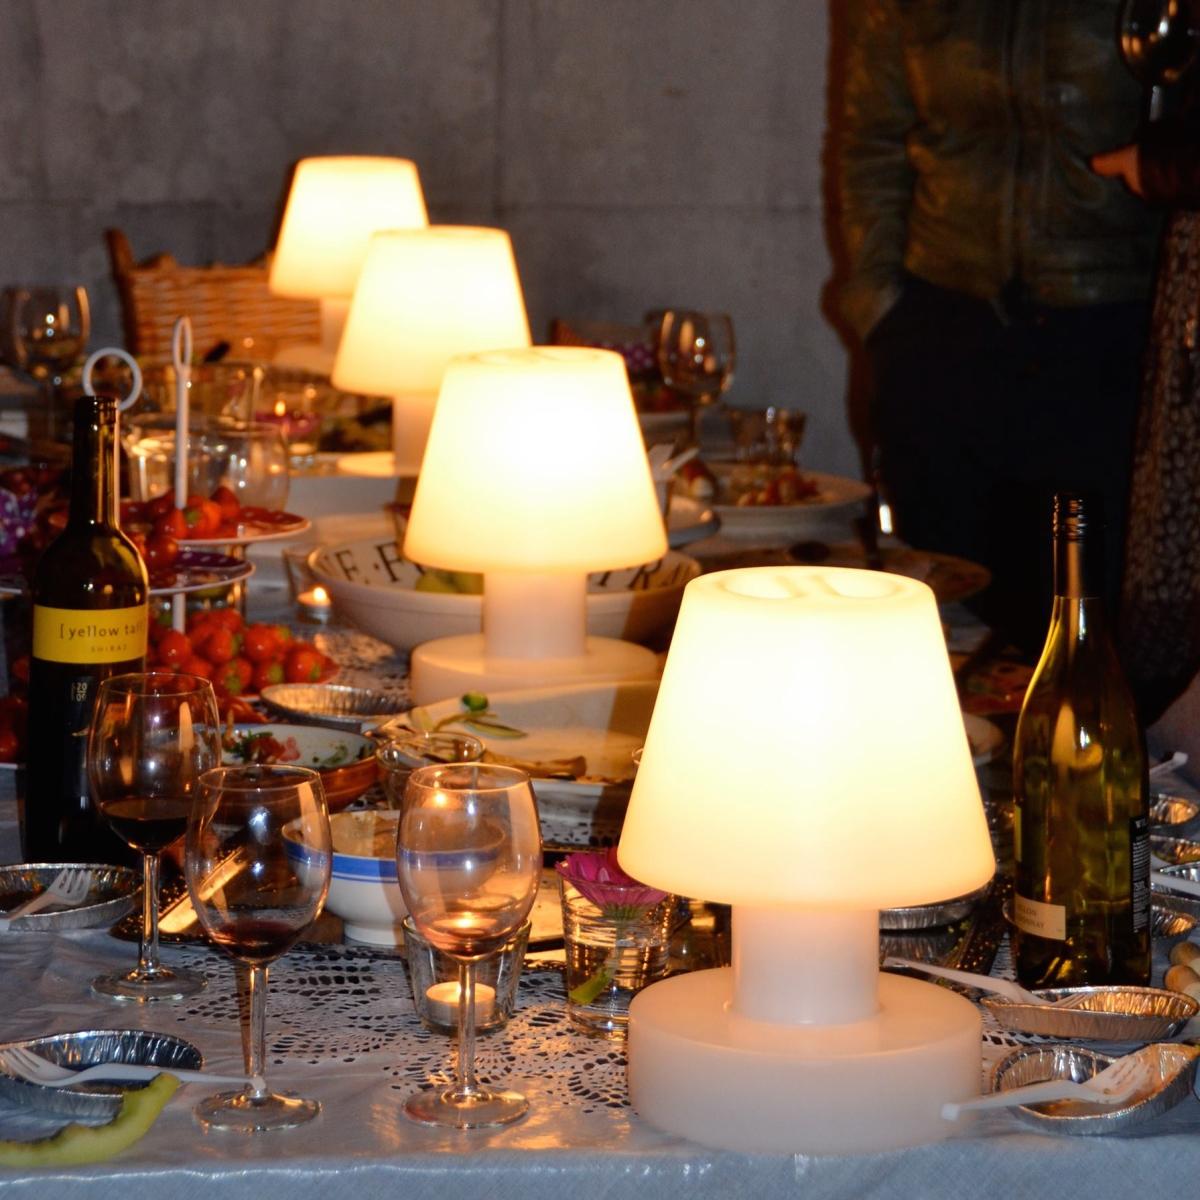 Comment clairer sa table de jardin - Lampe de jardin led ...